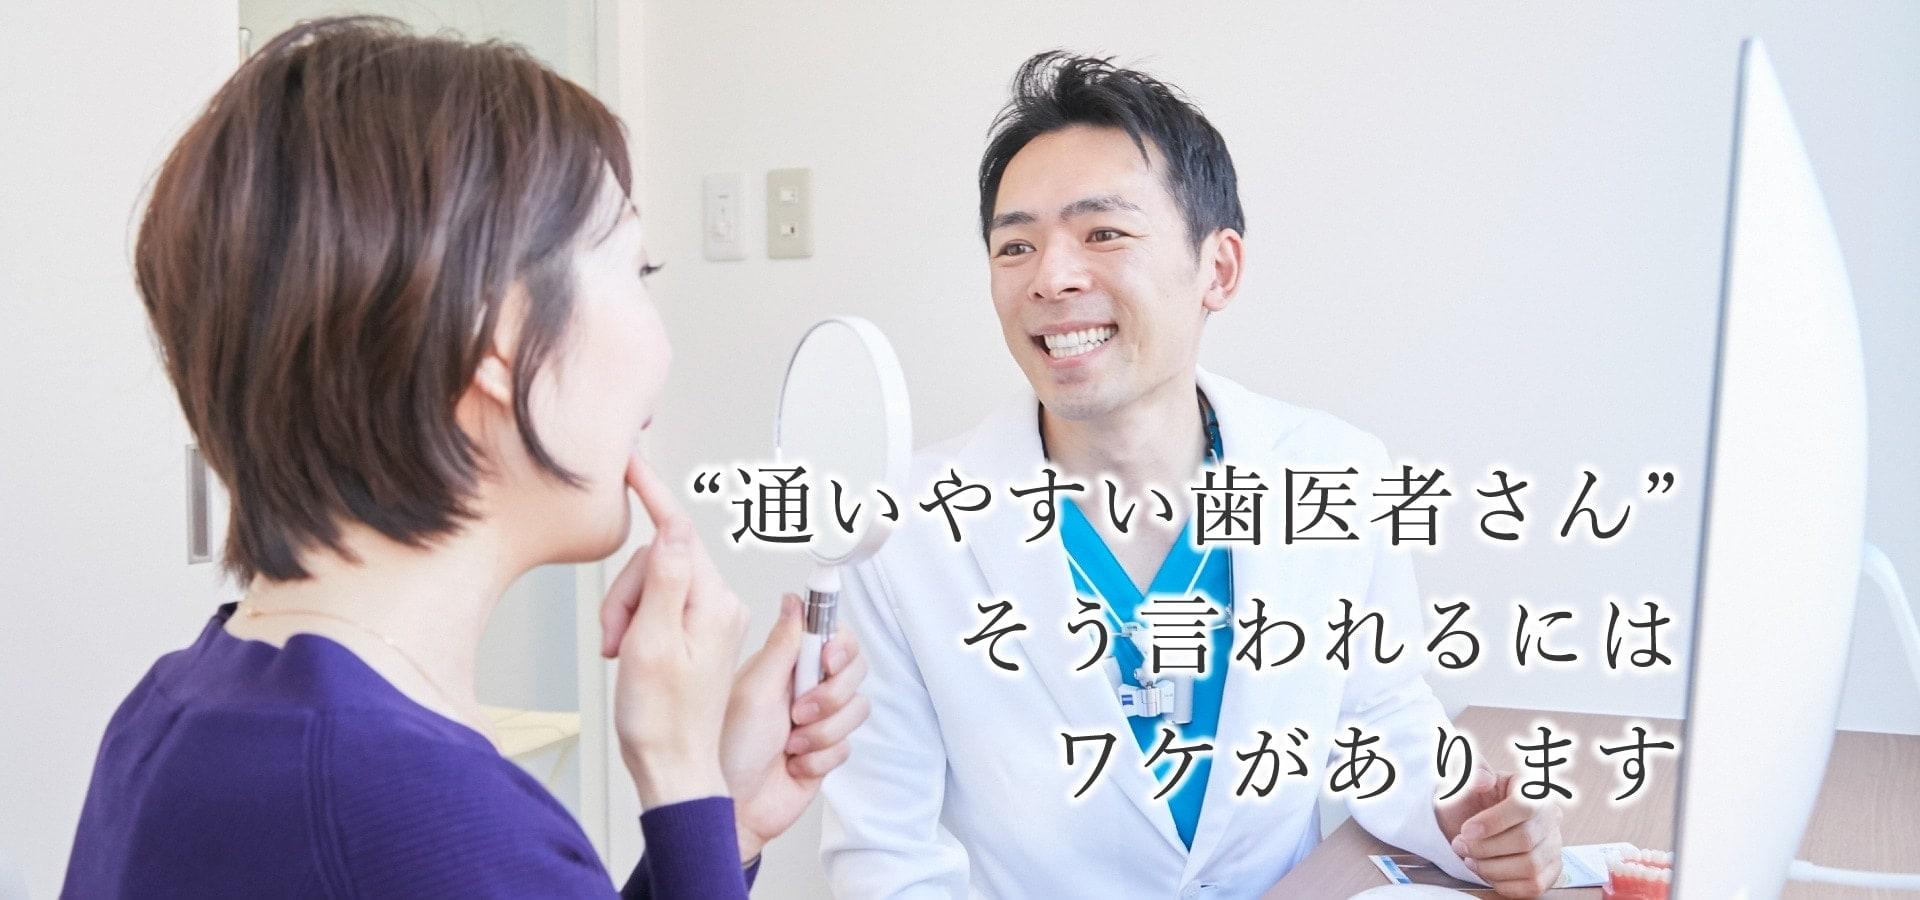 通いやすい歯医者さん | 世田谷通りリキ歯科・矯正歯科|上町駅・桜新町駅すぐ